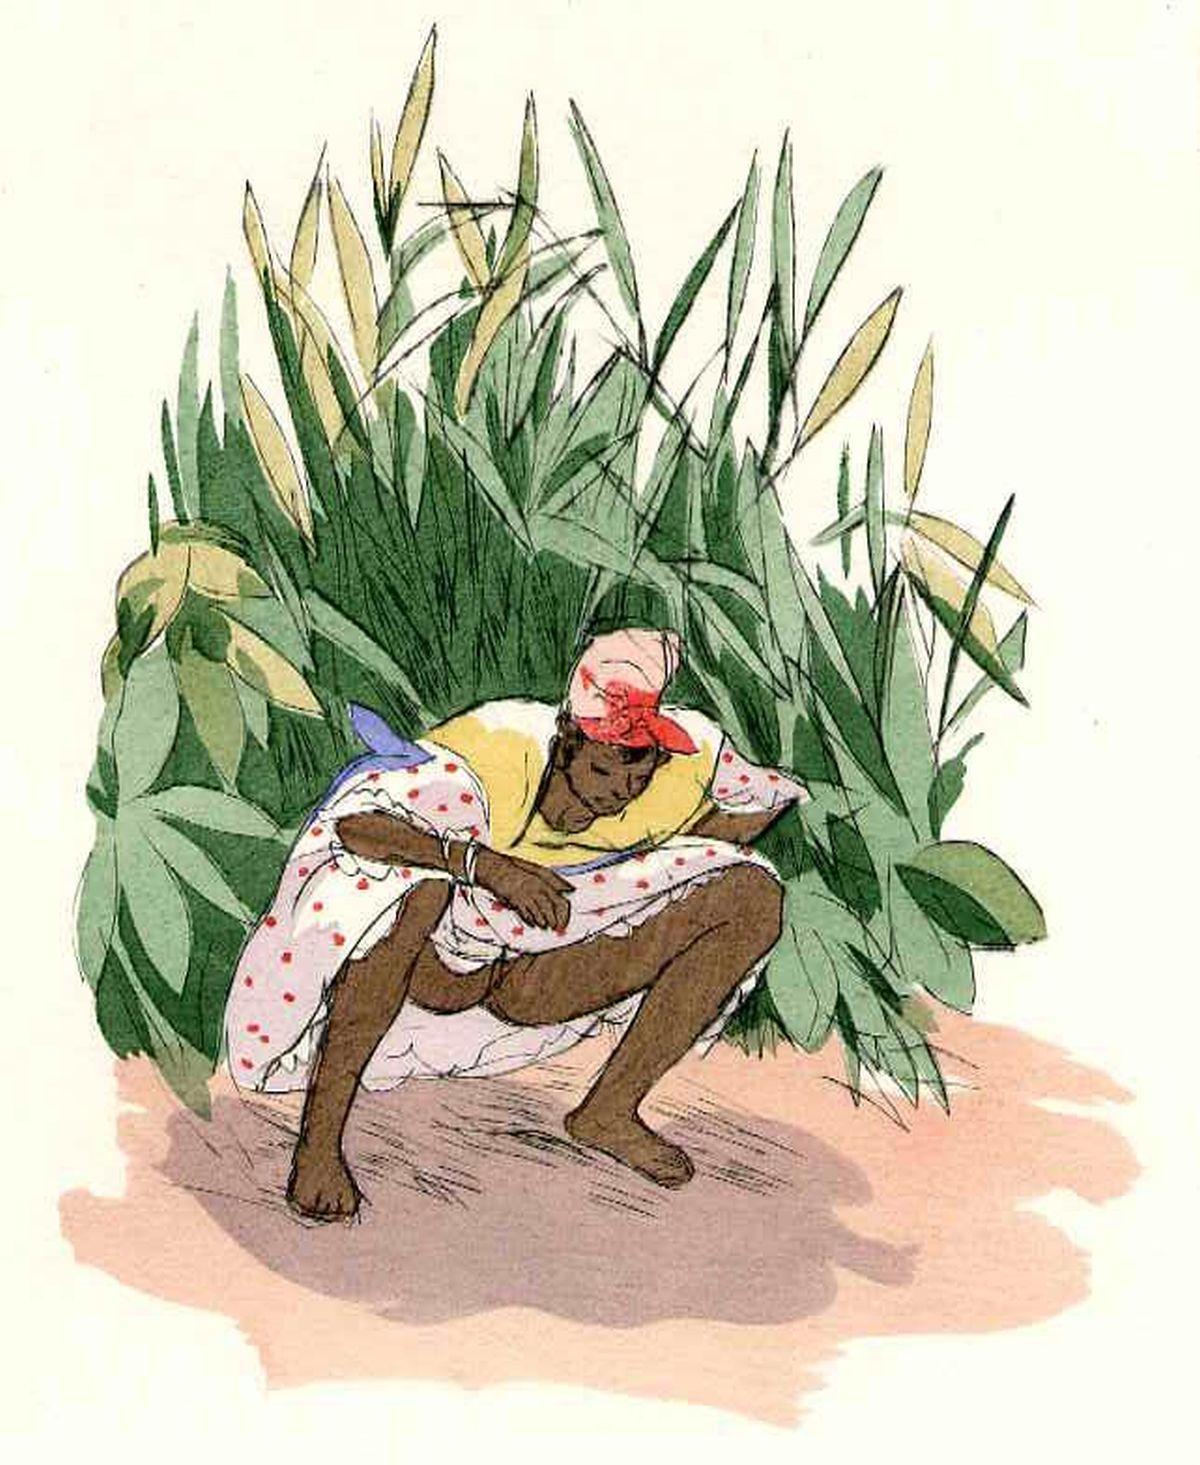 Charles Auguste Edelmann - SICH ERLEICHTERNDE CREOLIN - Die Heissen Nächte im Cap 1936 - Handcolorierte OriginalRadierung kopen? Bied vanaf 79!